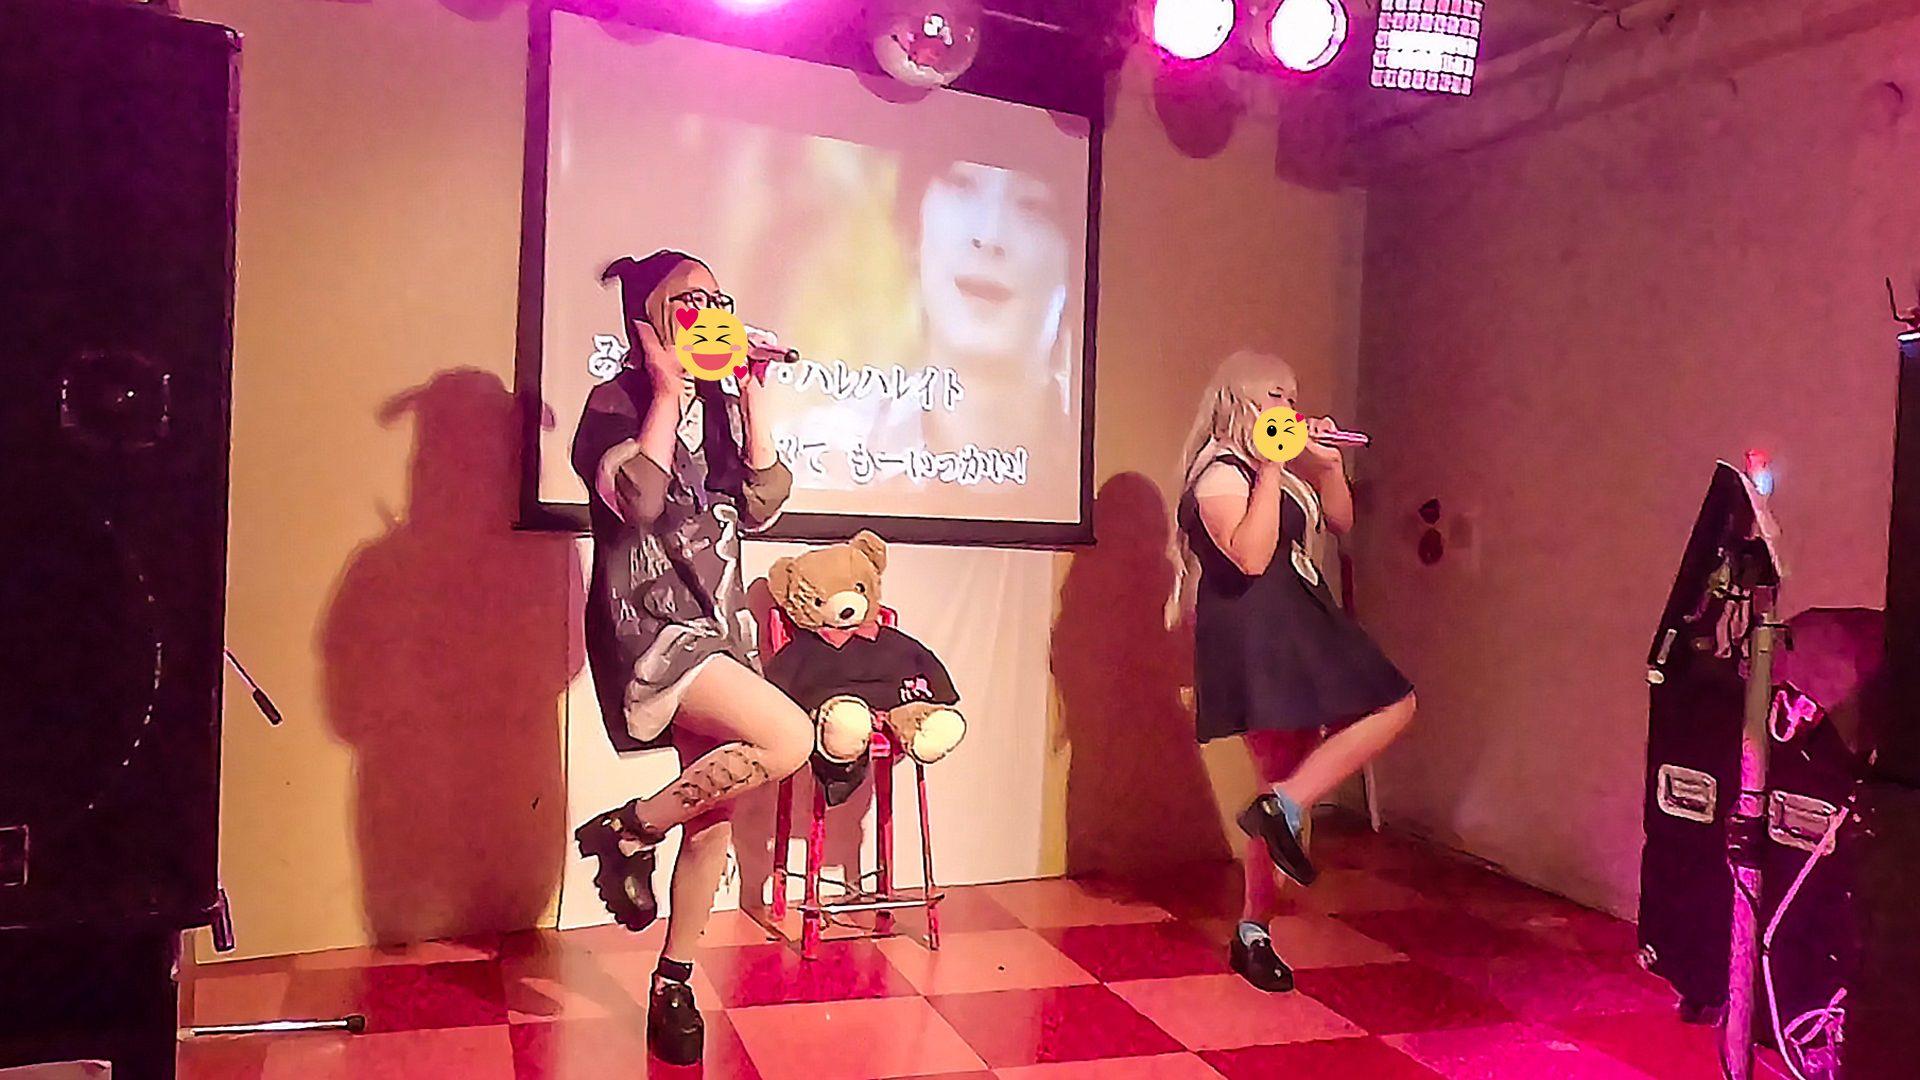 アニメ、ボカロ、コスプレに興味があるならまずここへ! 那覇市のサブカルカフェ「Candy」